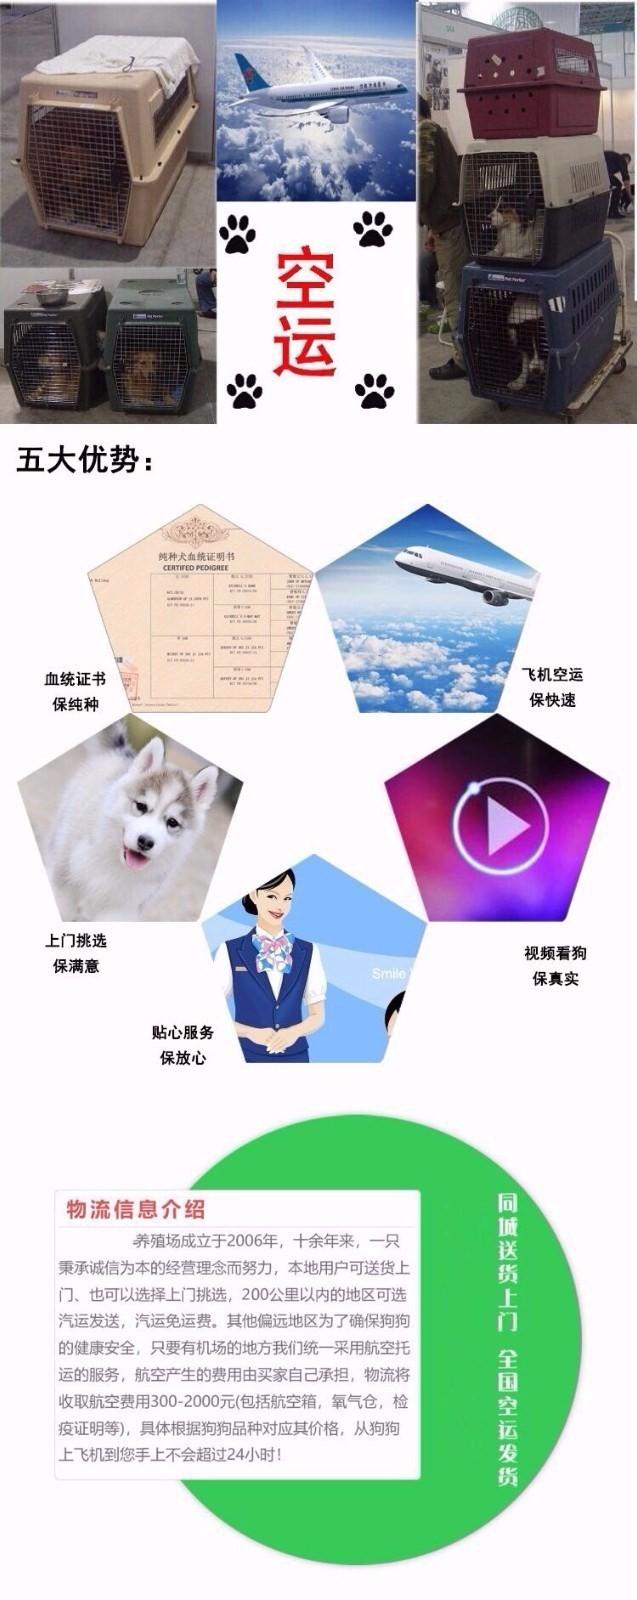 活泼可爱的东莞泰迪犬出售 诚信为本信誉第一11